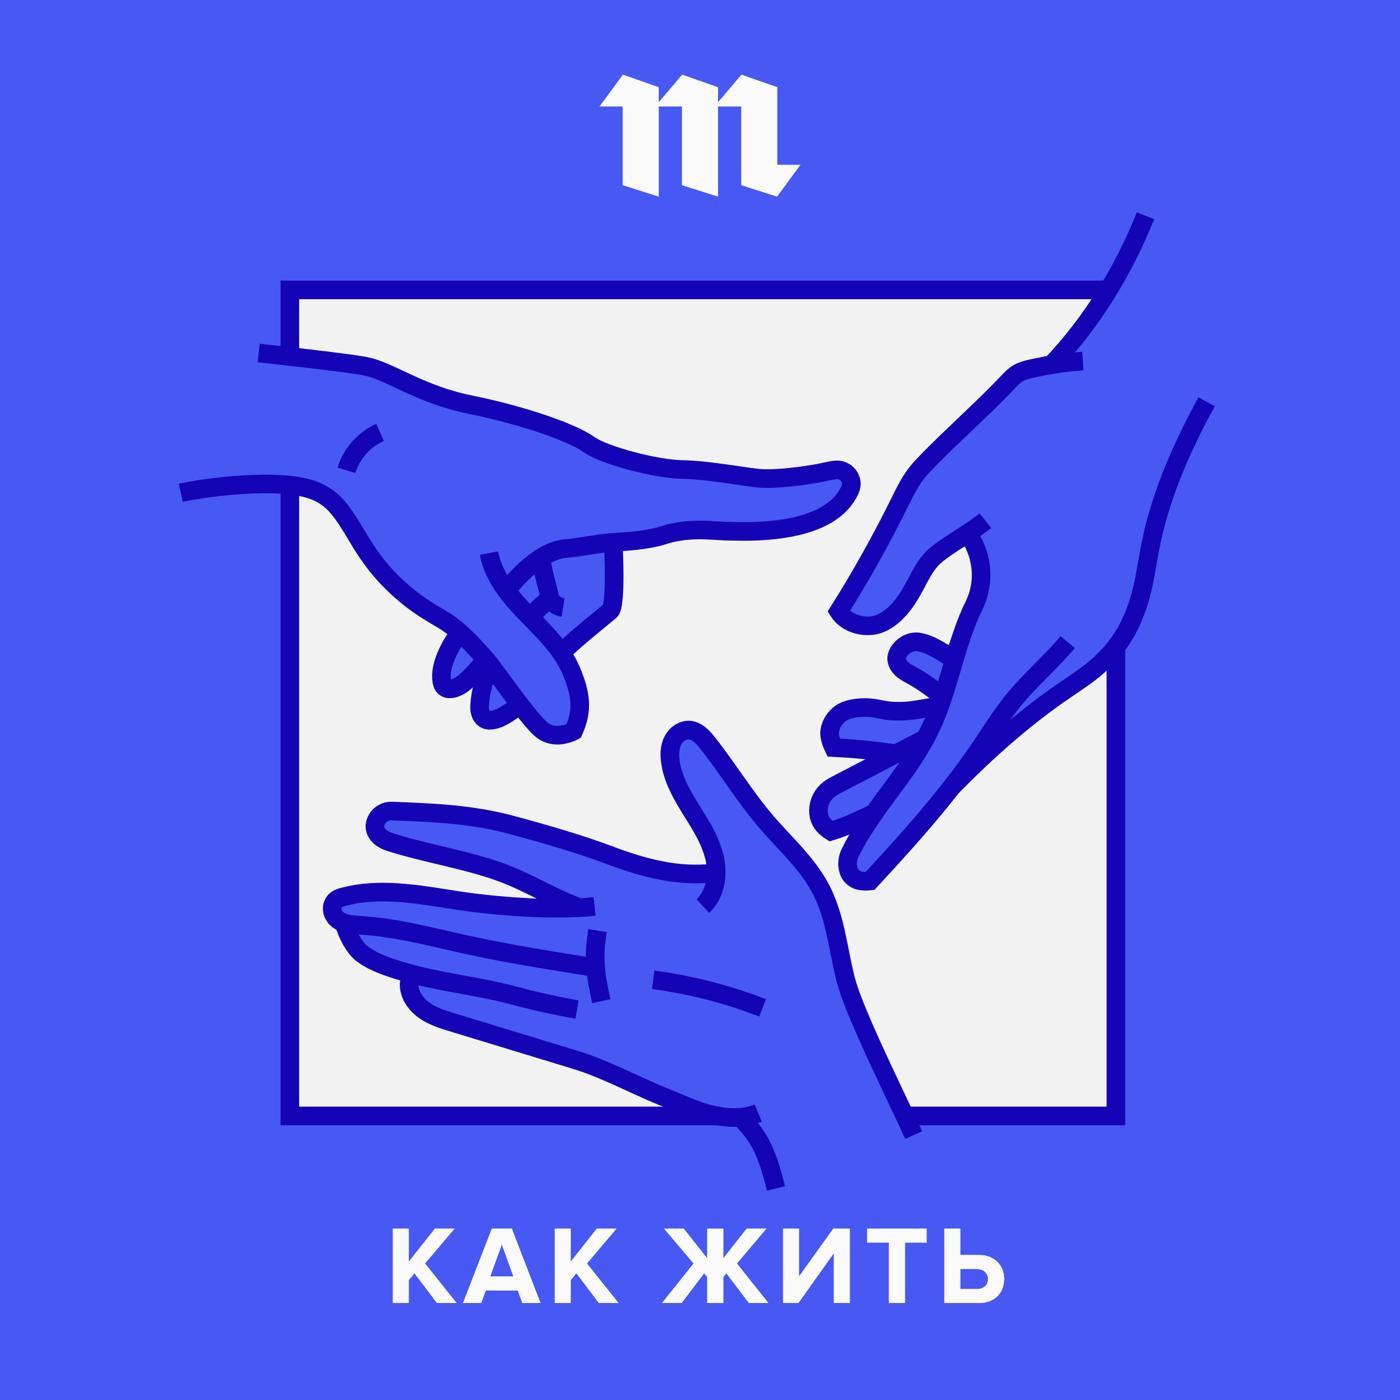 Екатерина Кронгауз «Я лучше знаю, что лучше для тебя» анжелика сергеевна лика макеева ты